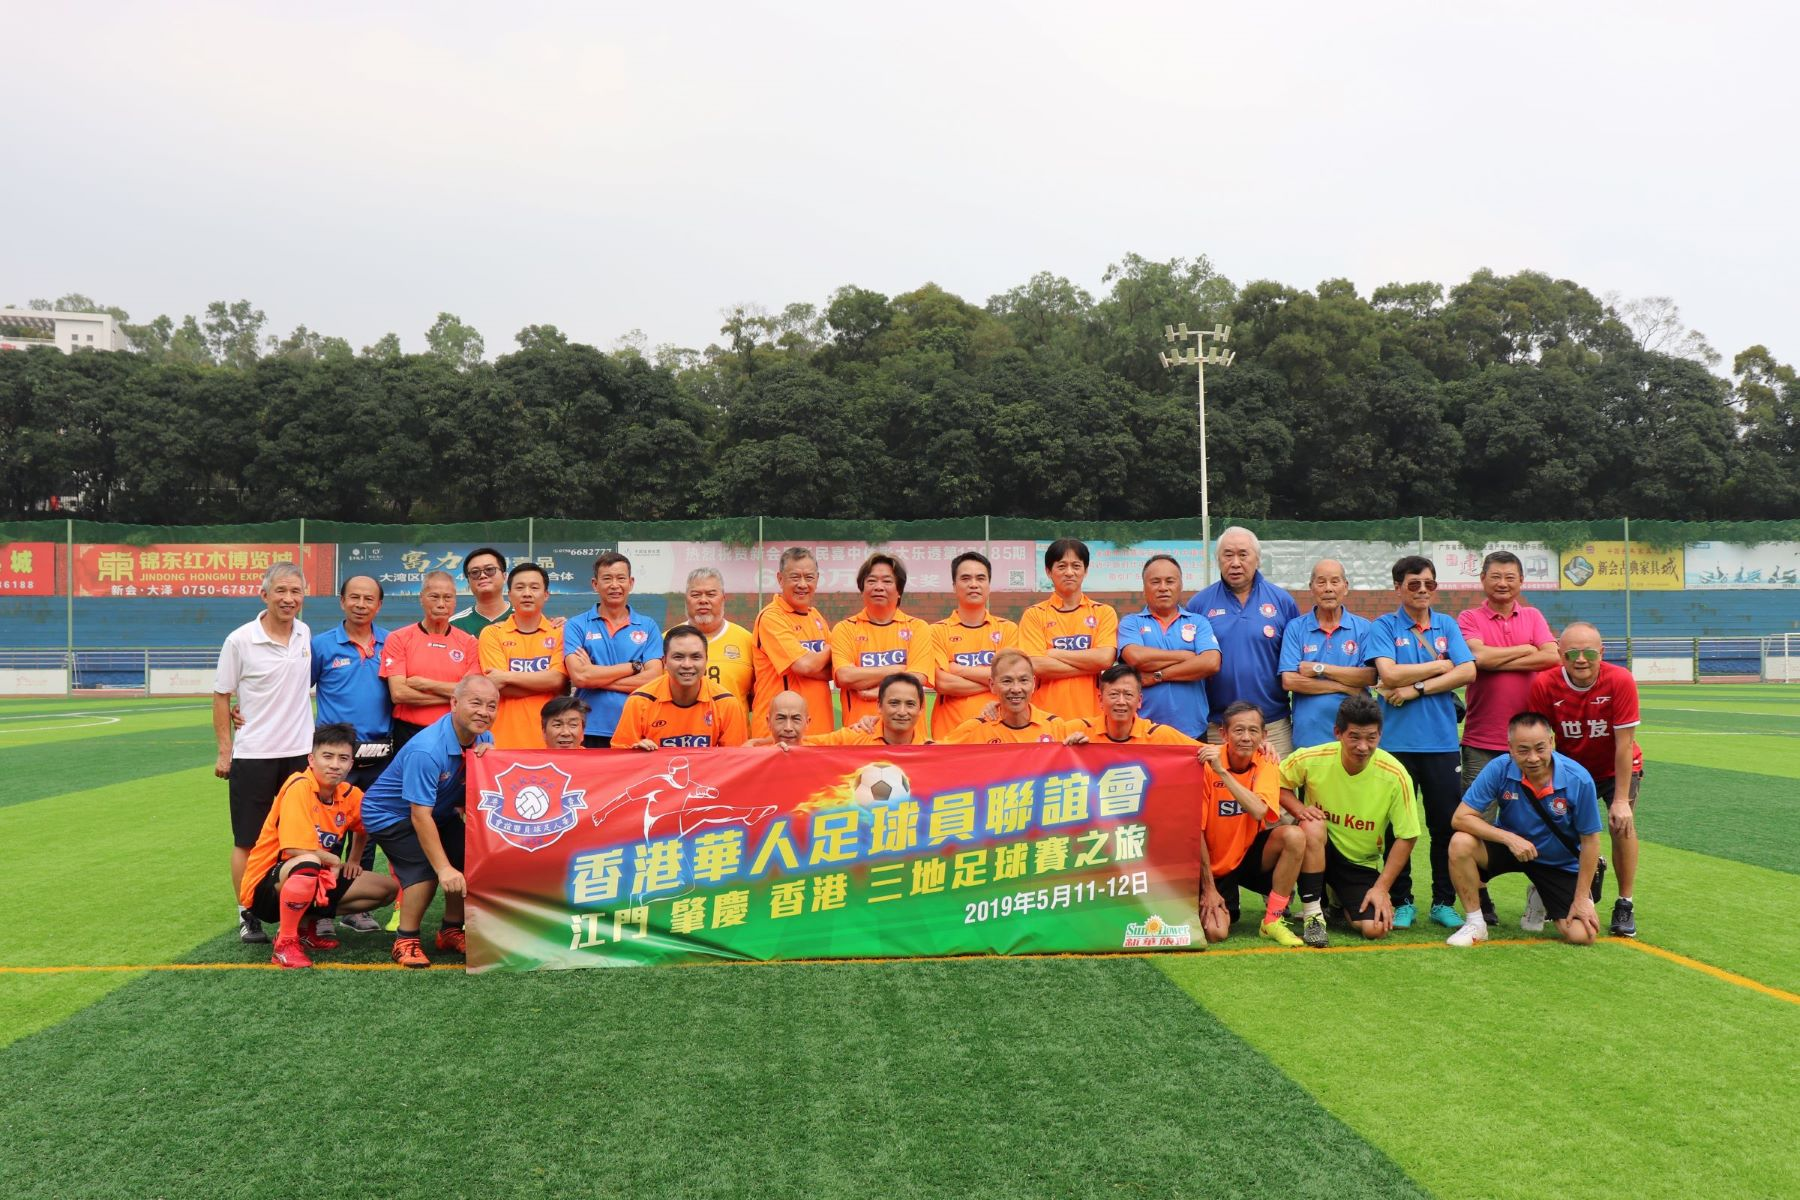 2019-05-11 至 12 球員會江門球賽相 (003)